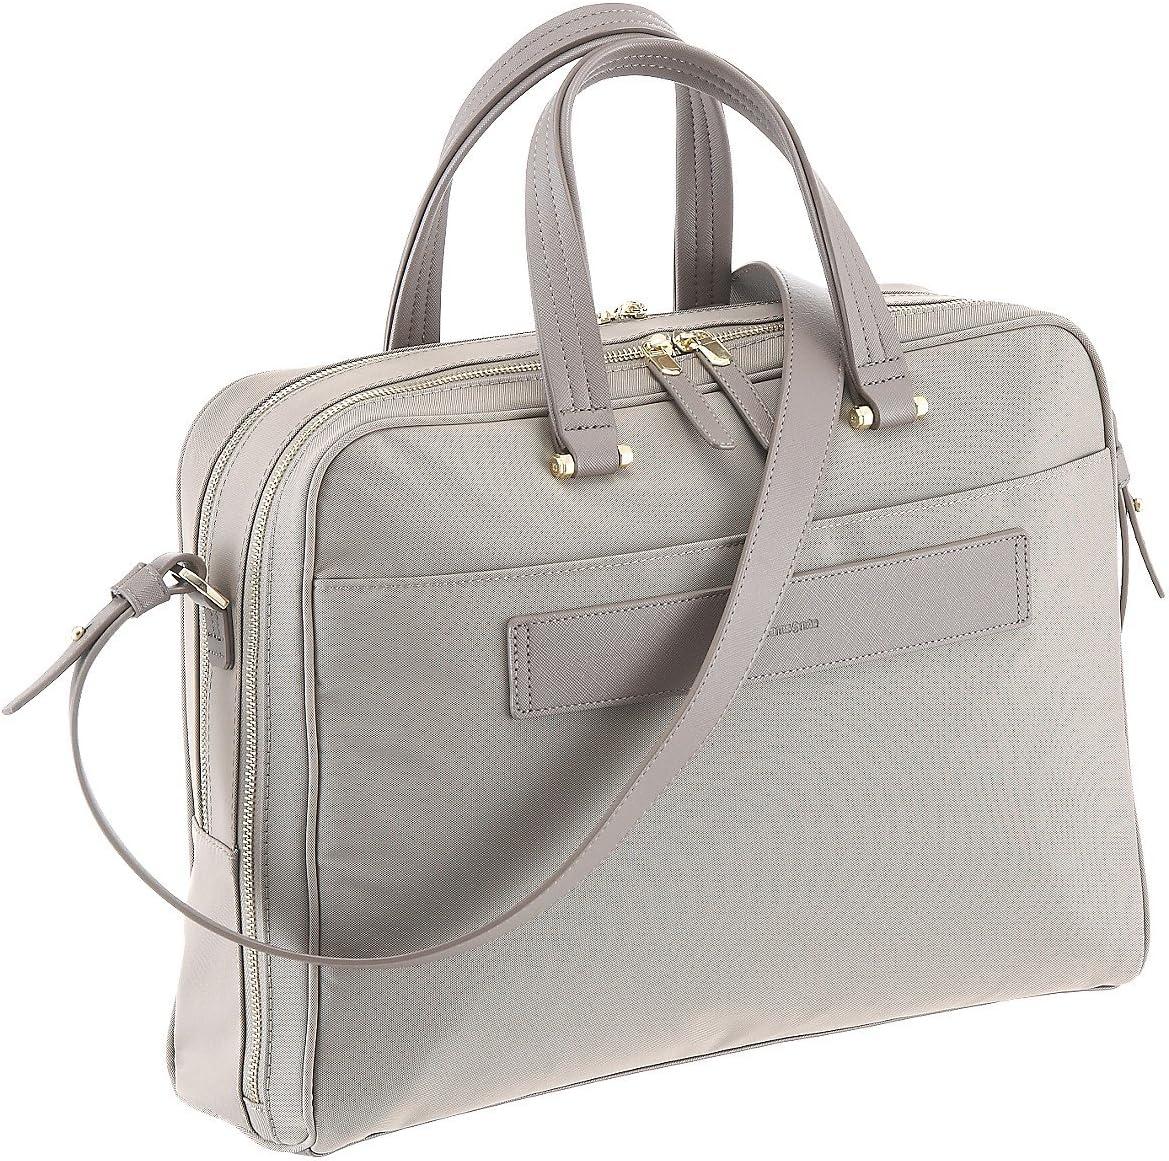 42 cm Beige 74557//1030 15.5 Liters Samsonite Briefcase